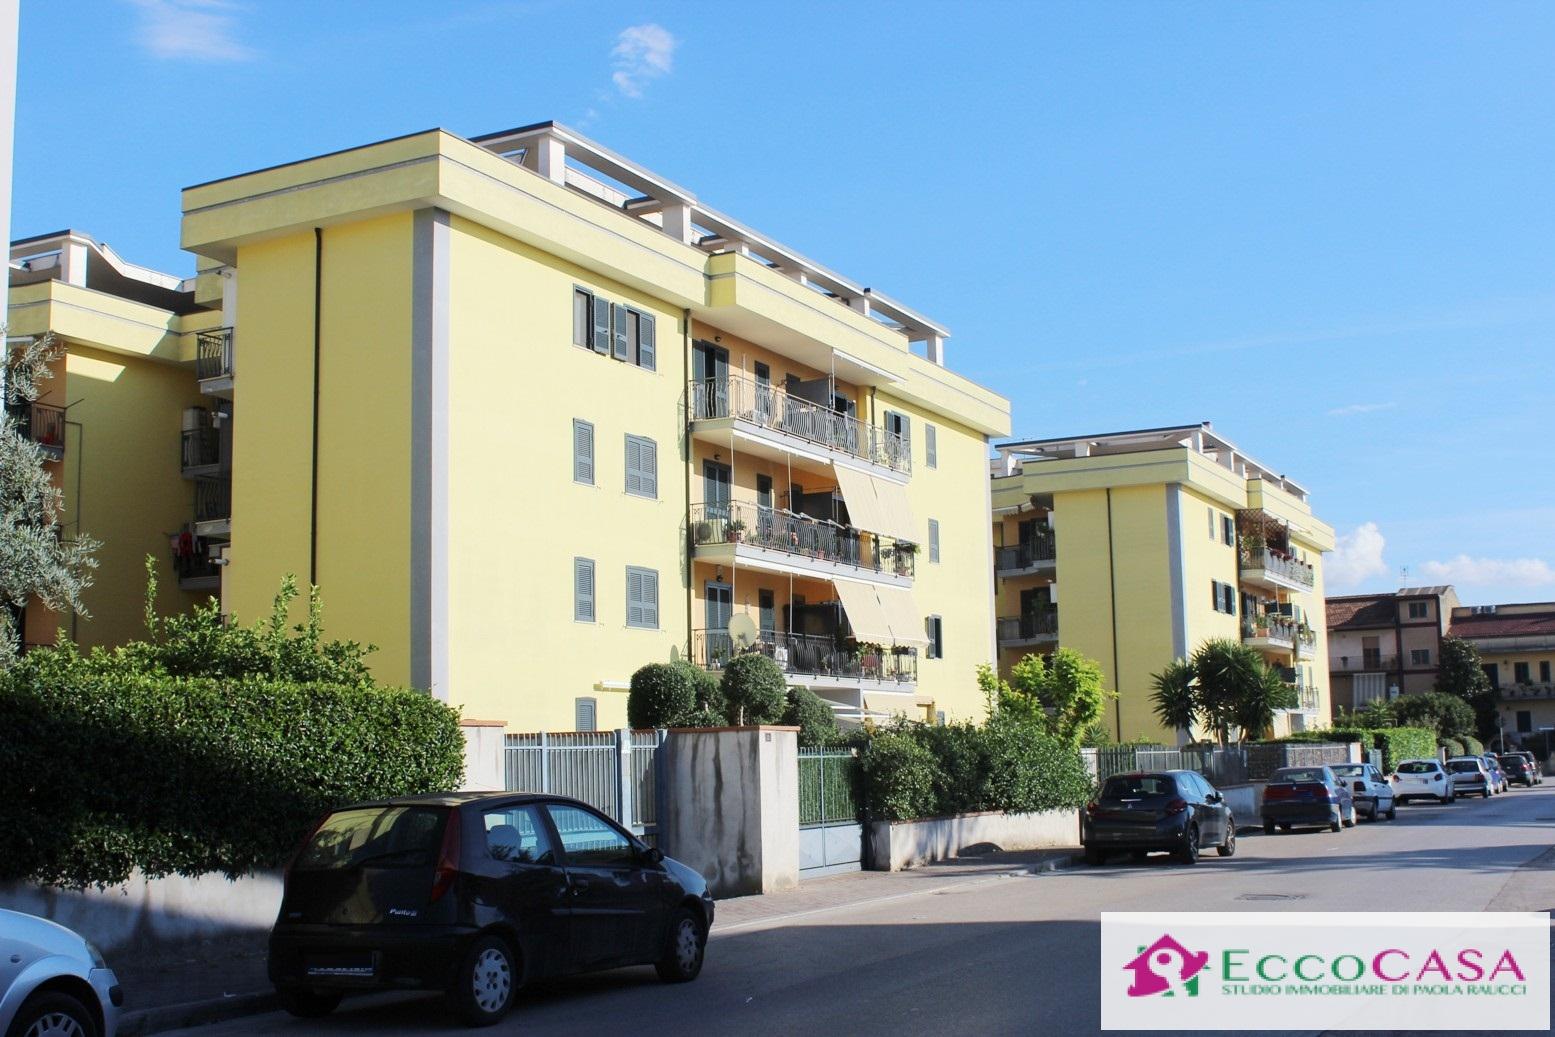 Appartamento in vendita a Maddaloni, 4 locali, prezzo € 160.000 | CambioCasa.it